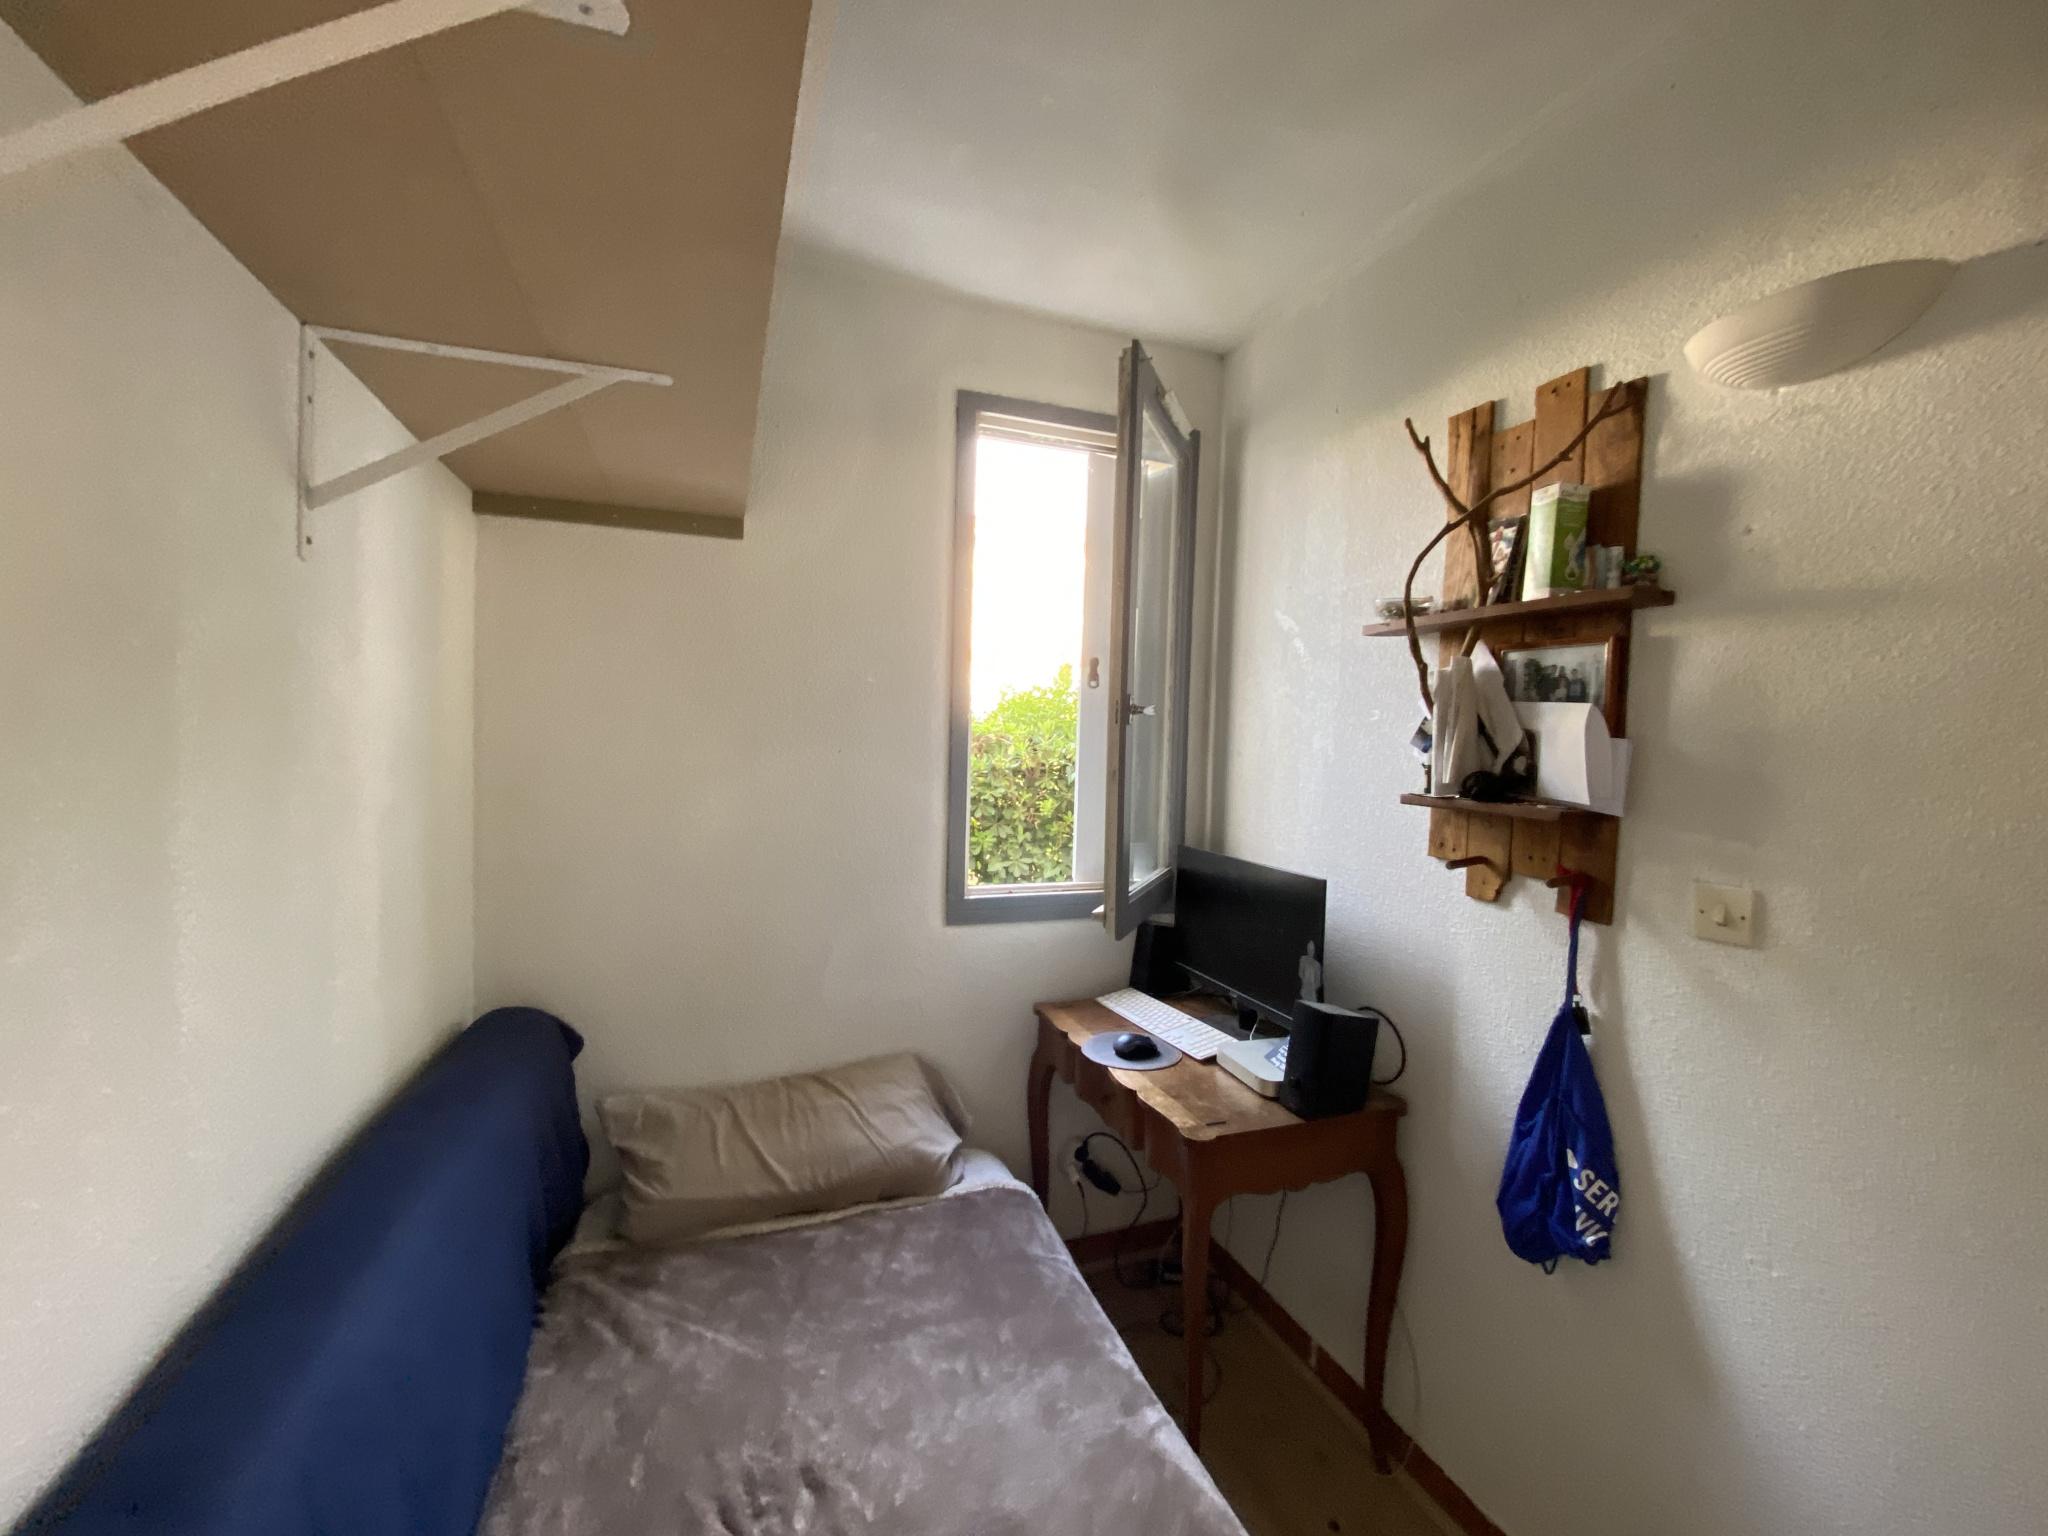 À vendre appartement de 28.45m2 à argeles sur mer (66700) - Photo 3'